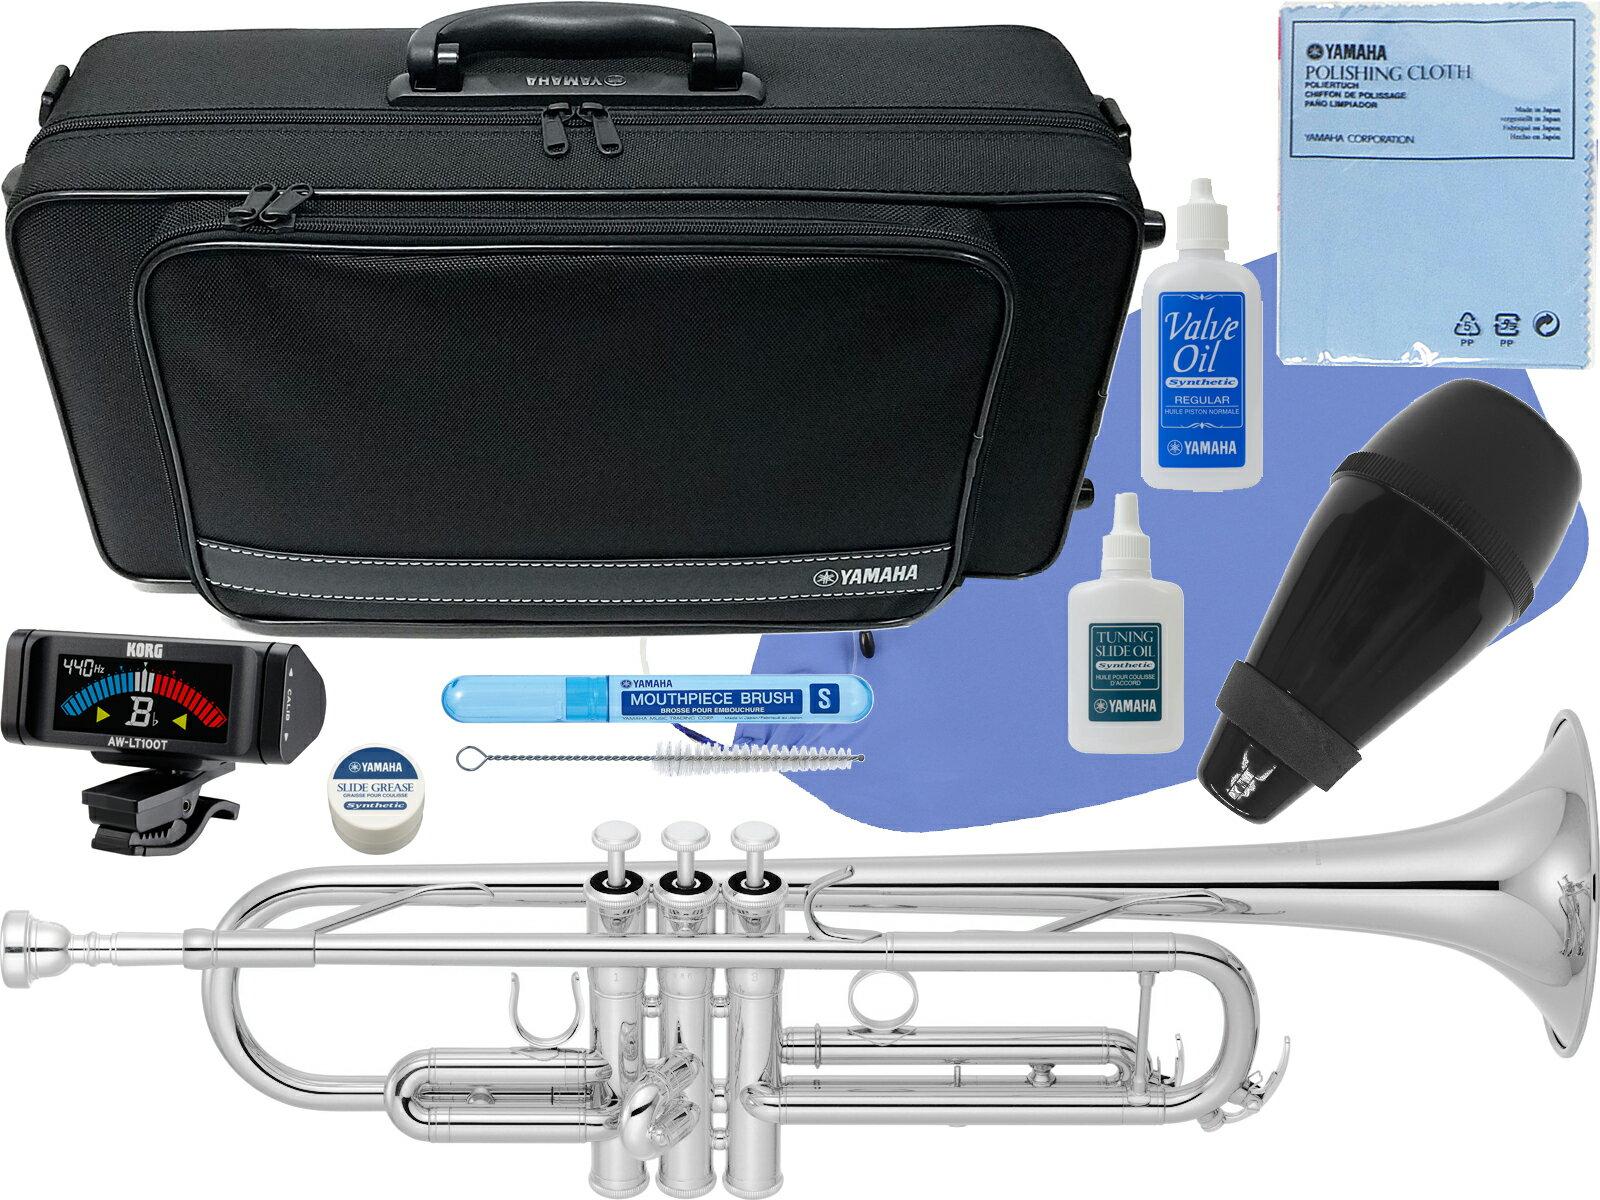 YAMAHA ( ヤマハ ) YTR-4335GS2 銀メッキ トランペット 新品 ゴールドブラスベル B♭ 管楽器 本体 trumpet YTR-4335GS-2 【 YTR-4335GSII セット E】 送料無料